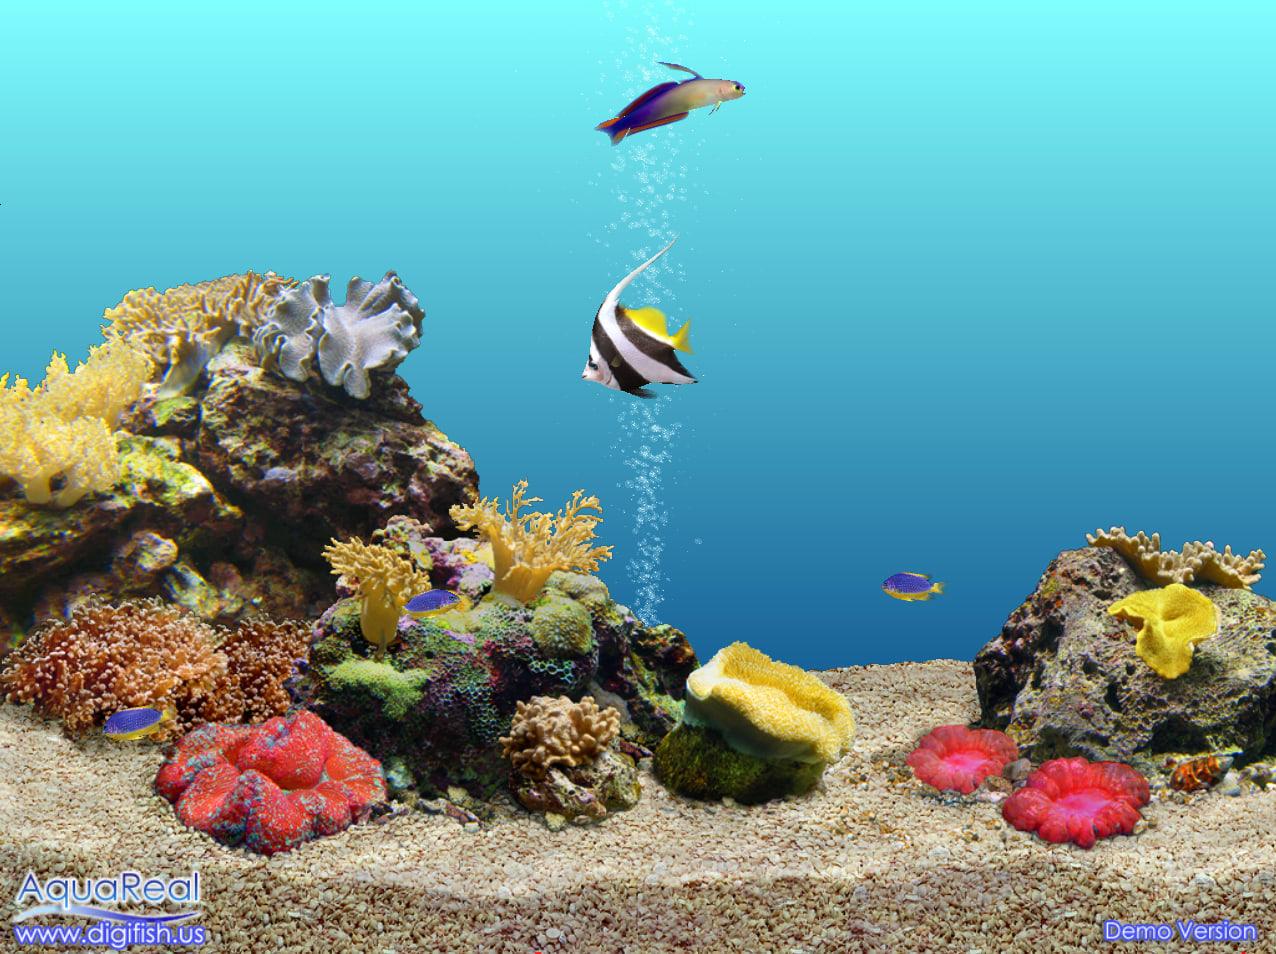 Aquareal descargar for Bajar fondos de pantalla en movimiento